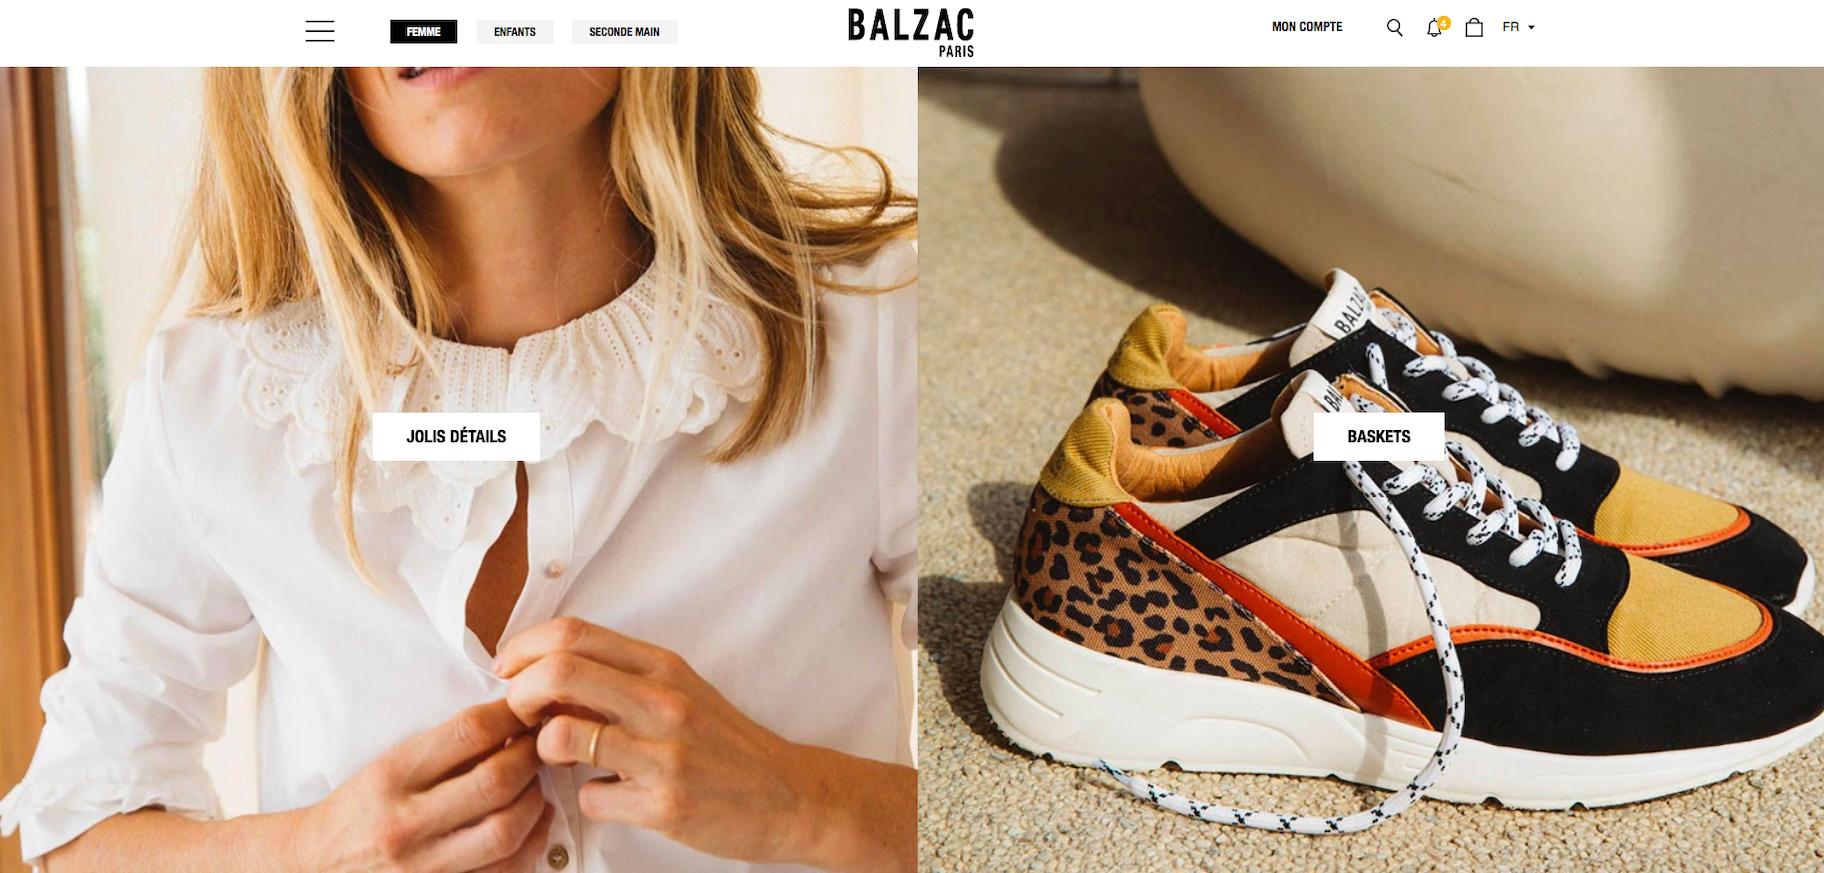 Boutique Shopify marque vêtements Balzac